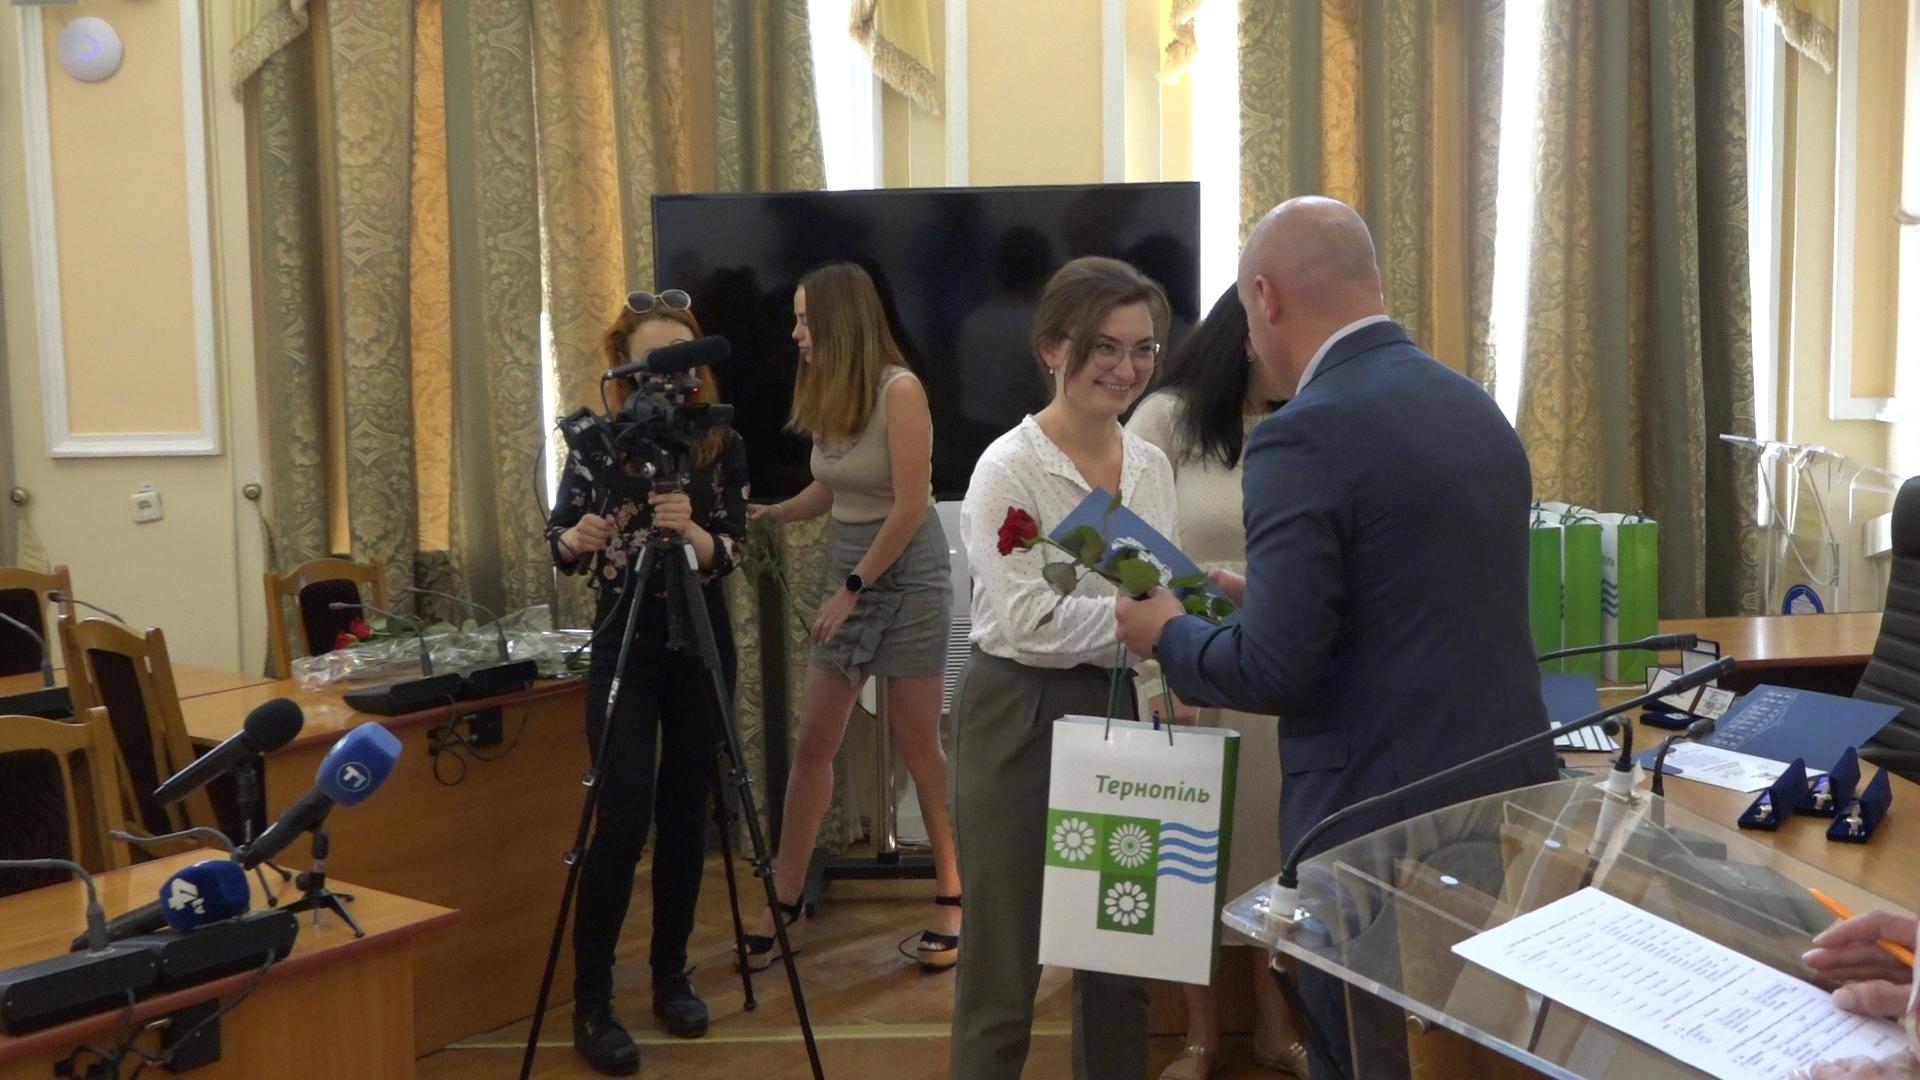 Тернопільські підприємці отримали нагороди до Дня працівника торгівлі